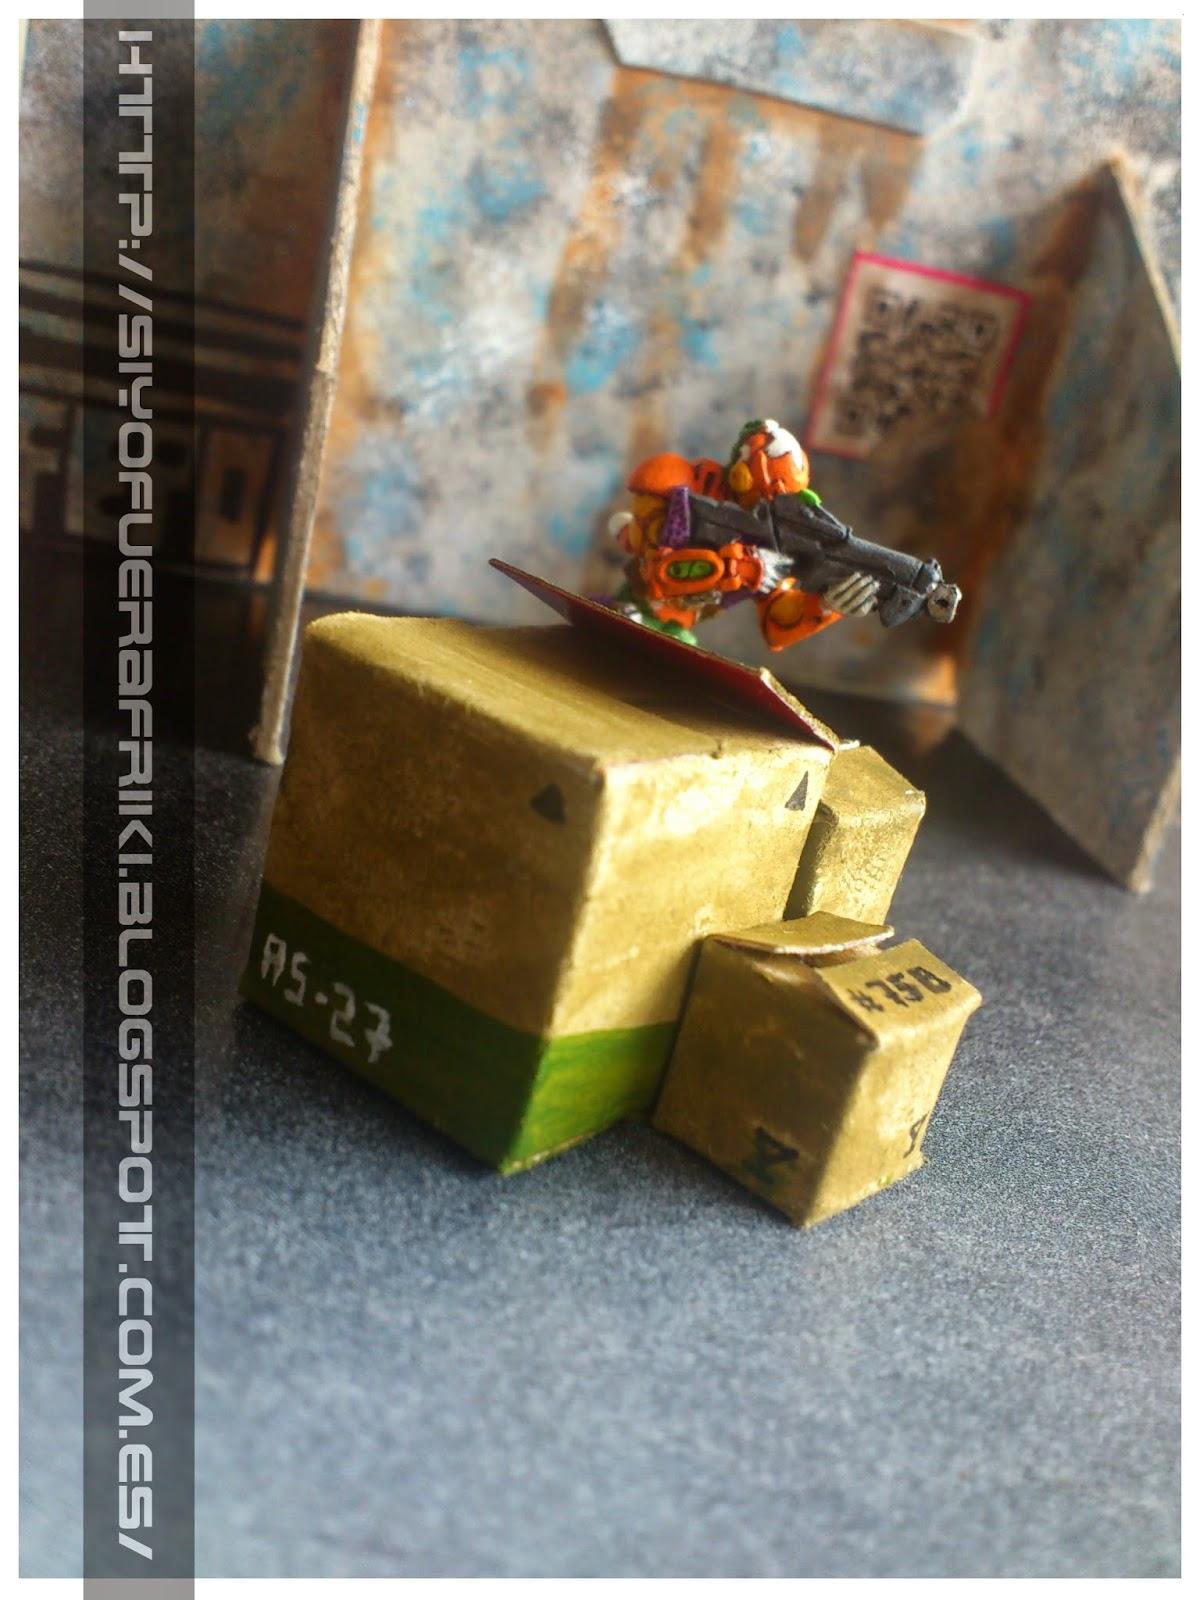 Si yo fuera friki...: Escenografía fácil: Cajas de cartón